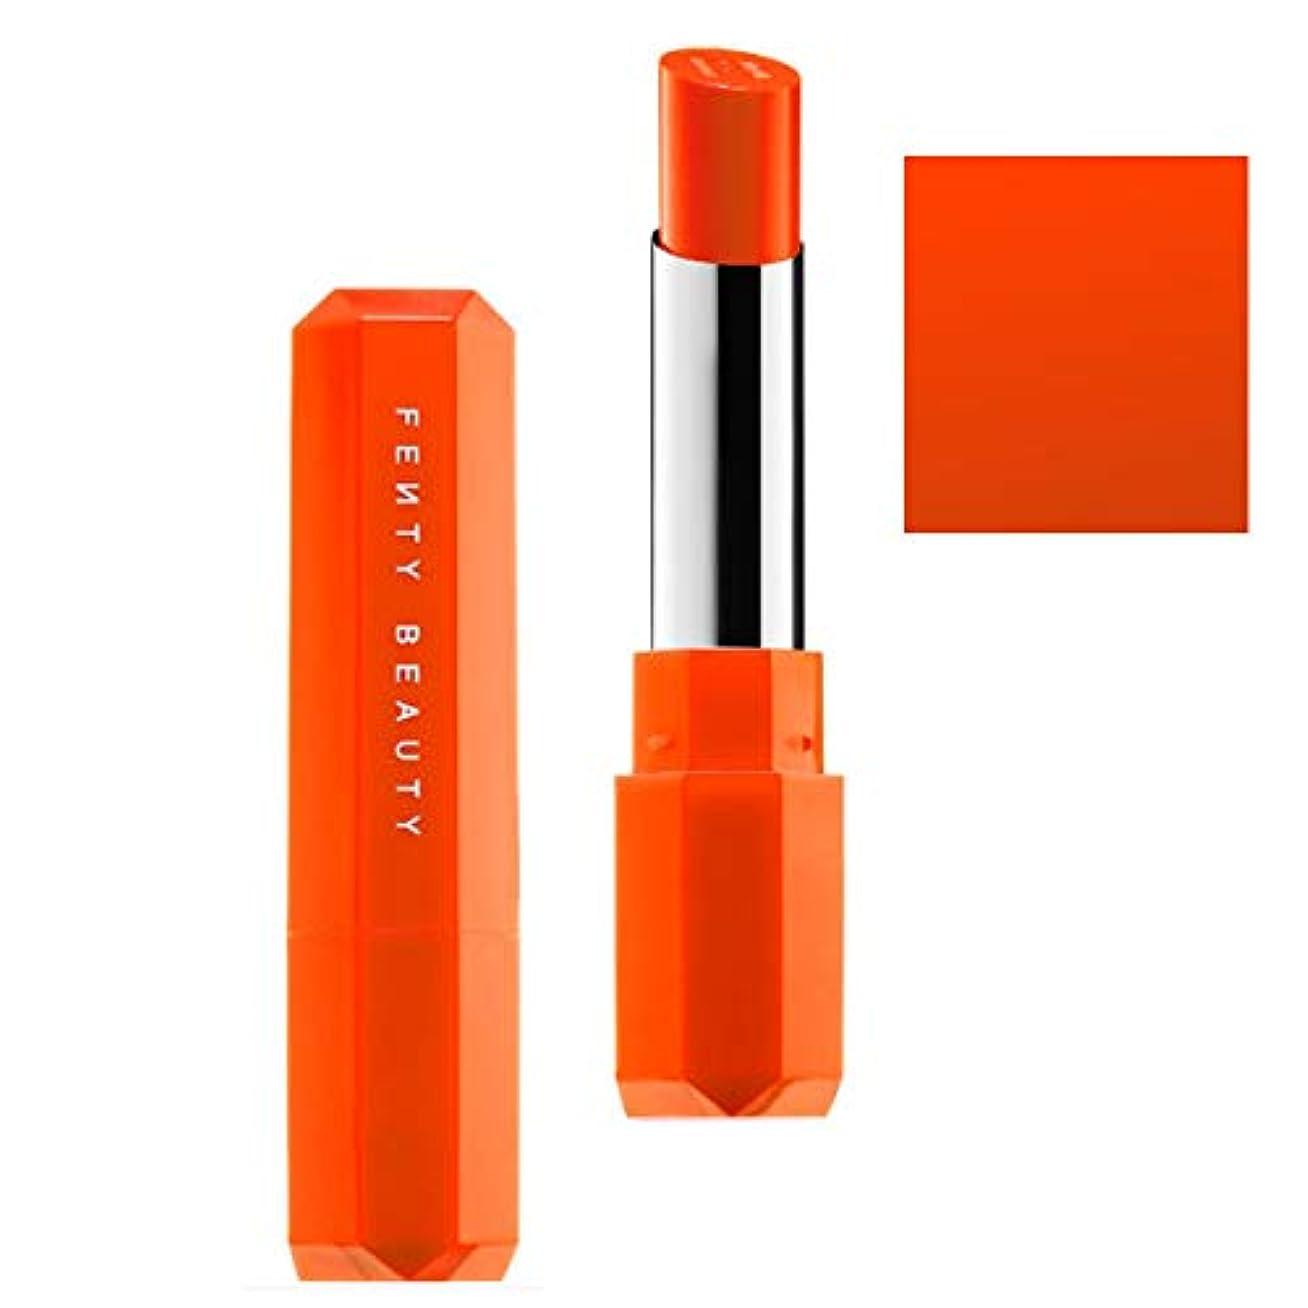 魅惑的な一生ファイアルFENTY BEAUTY BY RIHANNA,New!!, 限定版 limited-edition, Poutsicle Juicy Satin Lipstick - Sun Snatched [海外直送品] [並行輸入品]